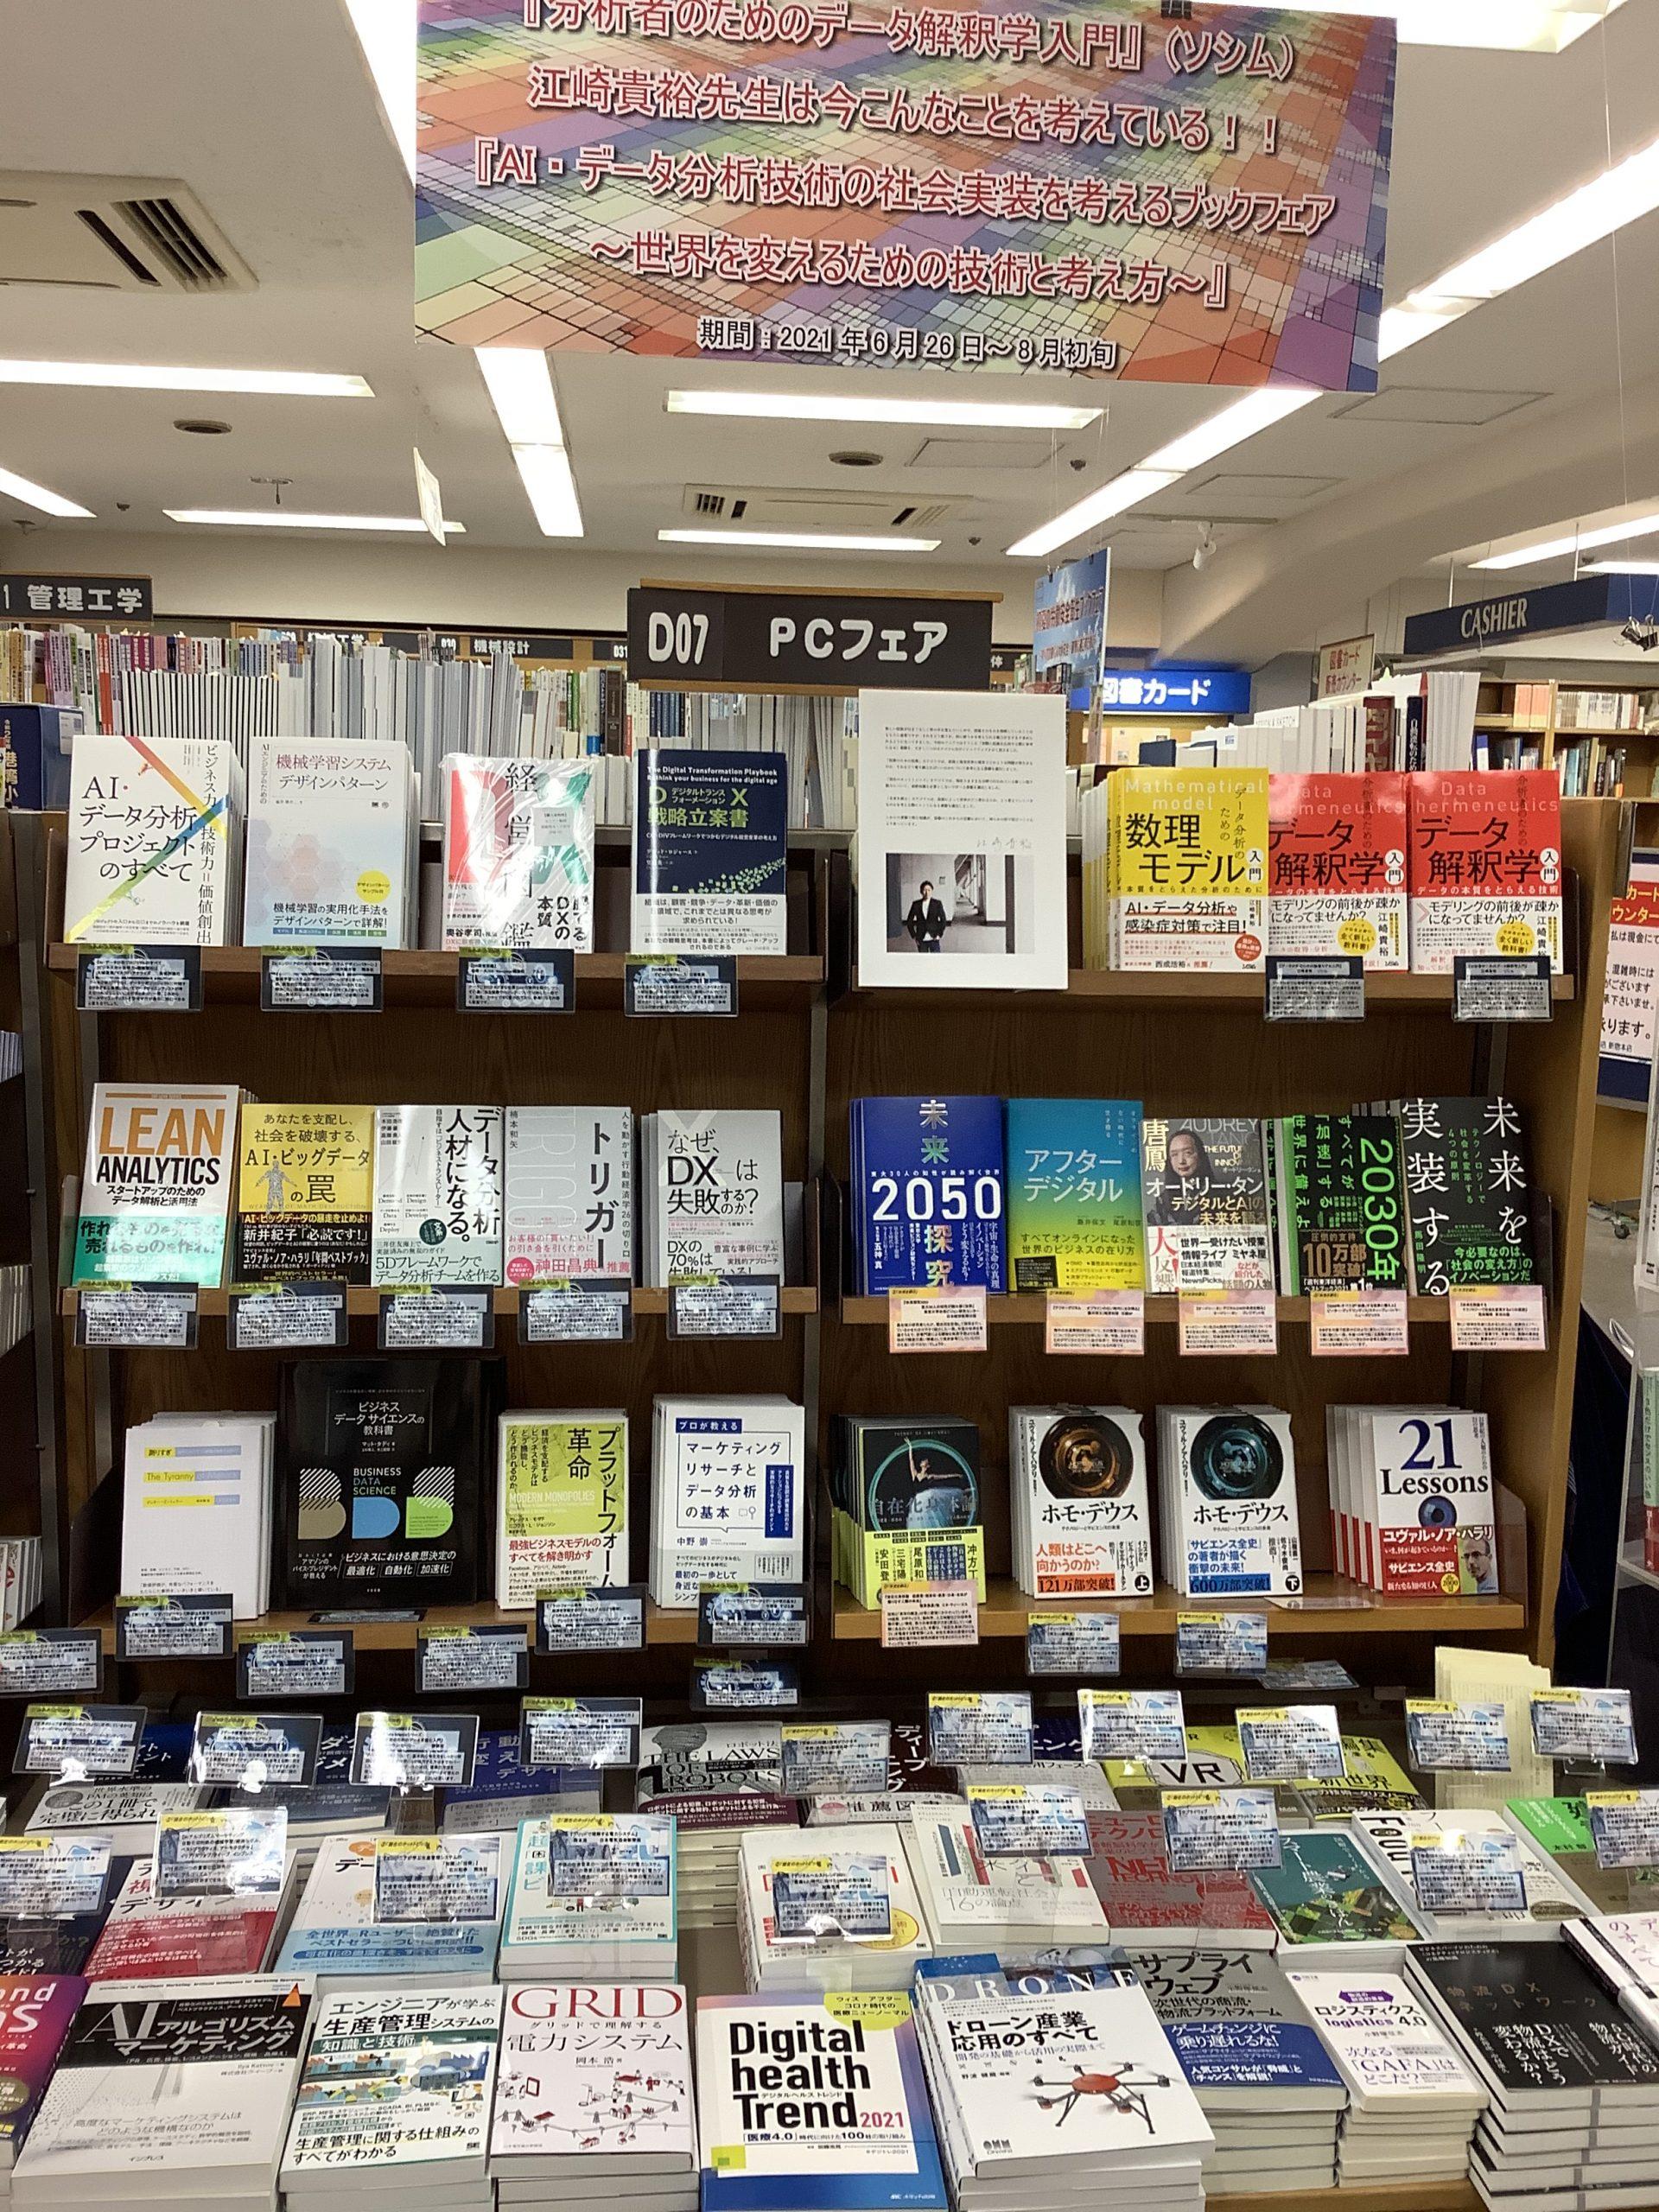 紀伊國屋書店:【4階フェア】『分析者のためのデ-タ解釈学入門』江崎貴裕先生が選ぶ『AI・データ分析技術の社会実装を考えるブックフェア~世界を変えるための技術と考え方~』